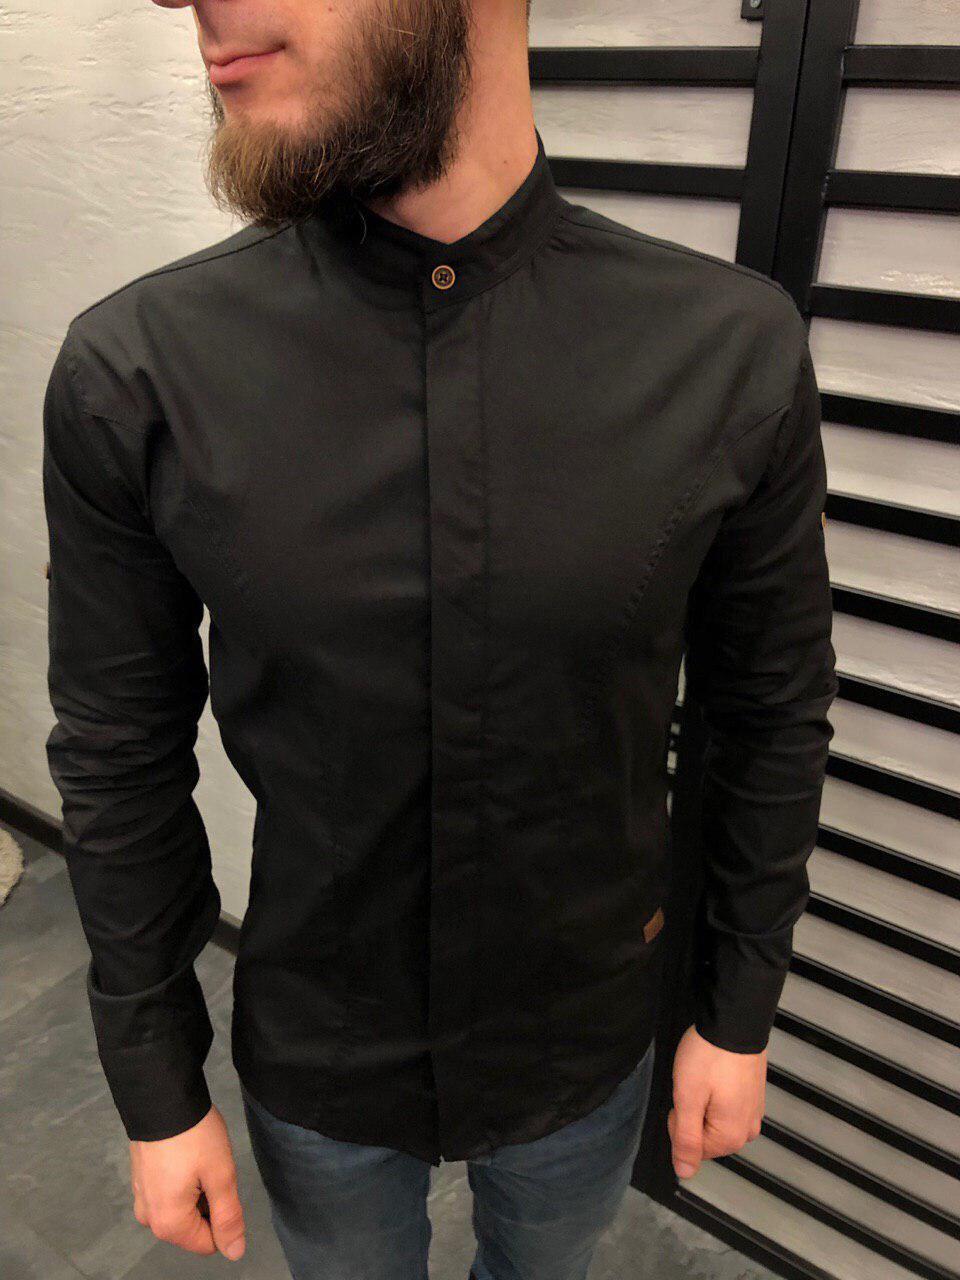 28f5a8cd0a7 Мужская рубашка приталенная черная с воротником стойка - Интернет-магазин  обуви и одежды KedON в